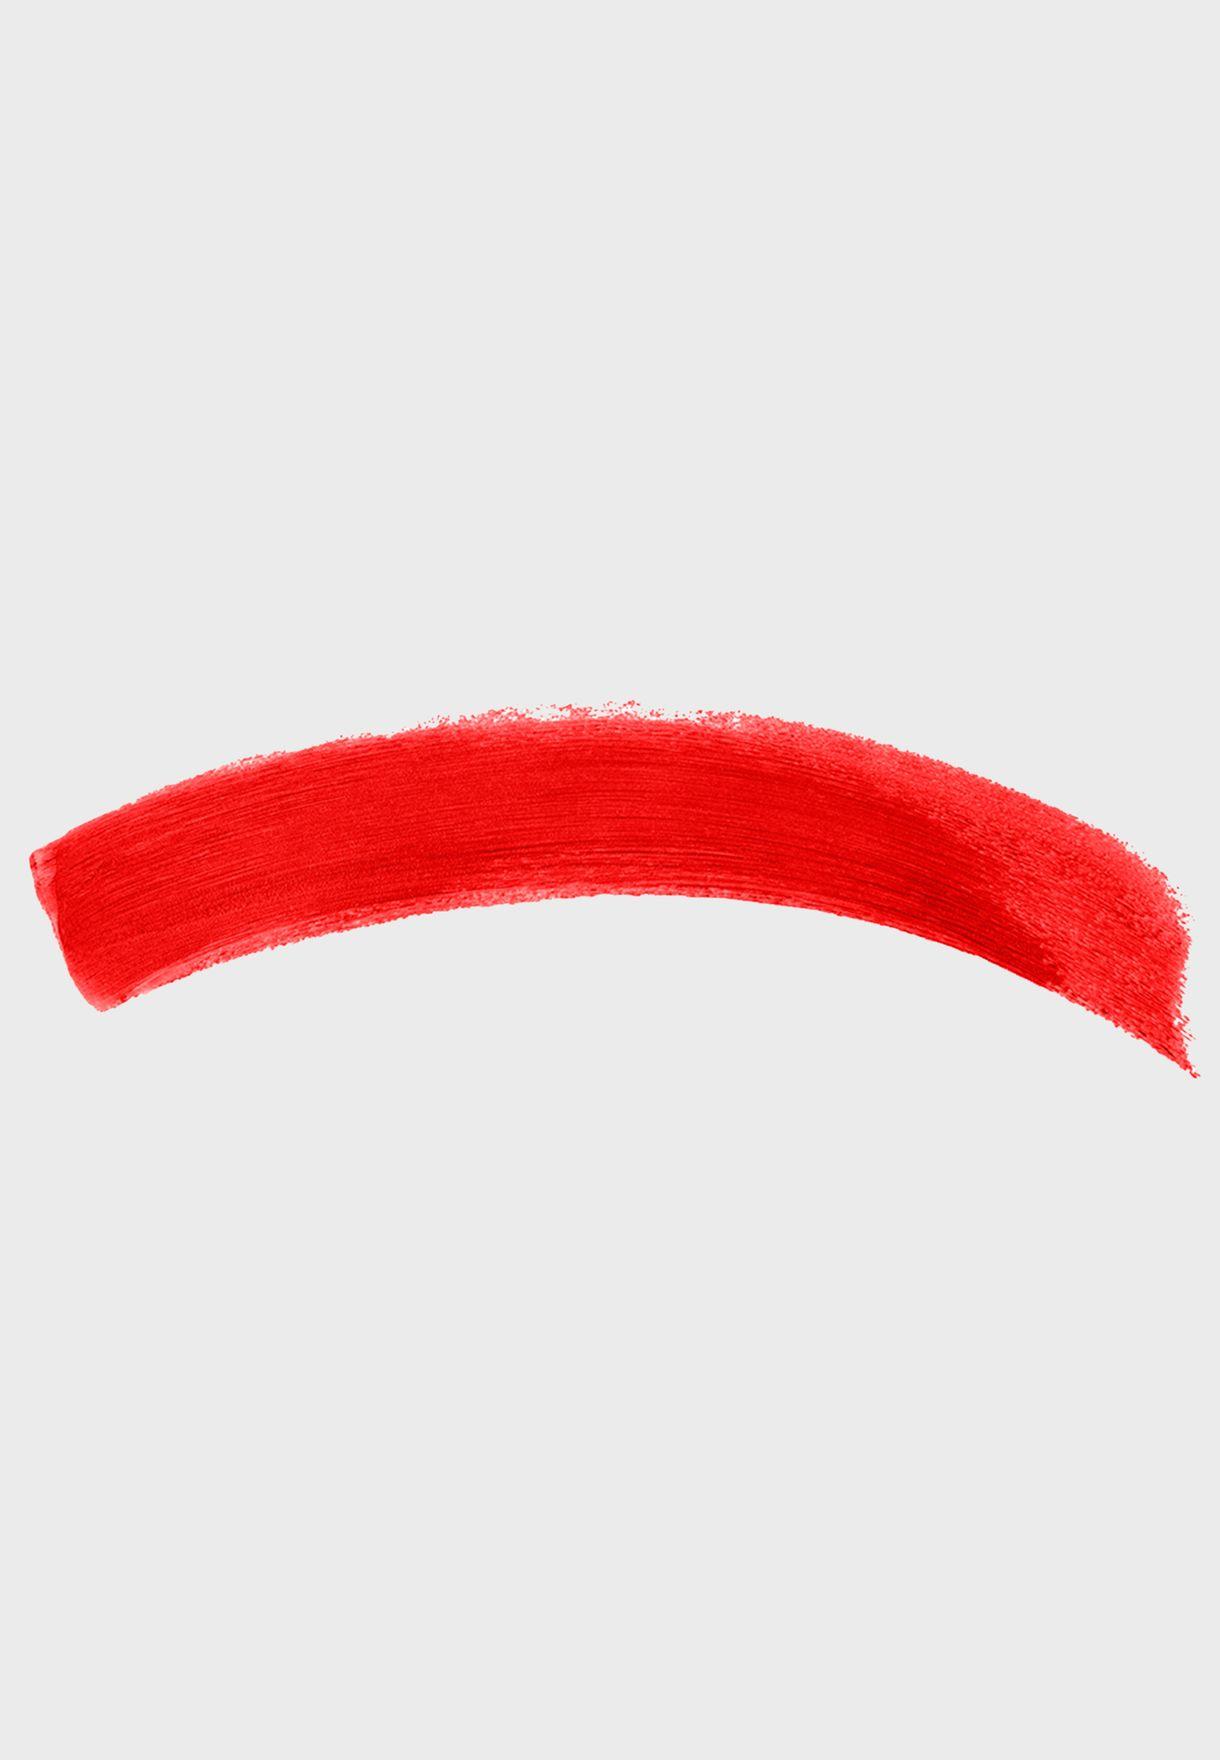 احمر شفاه مطفي 403